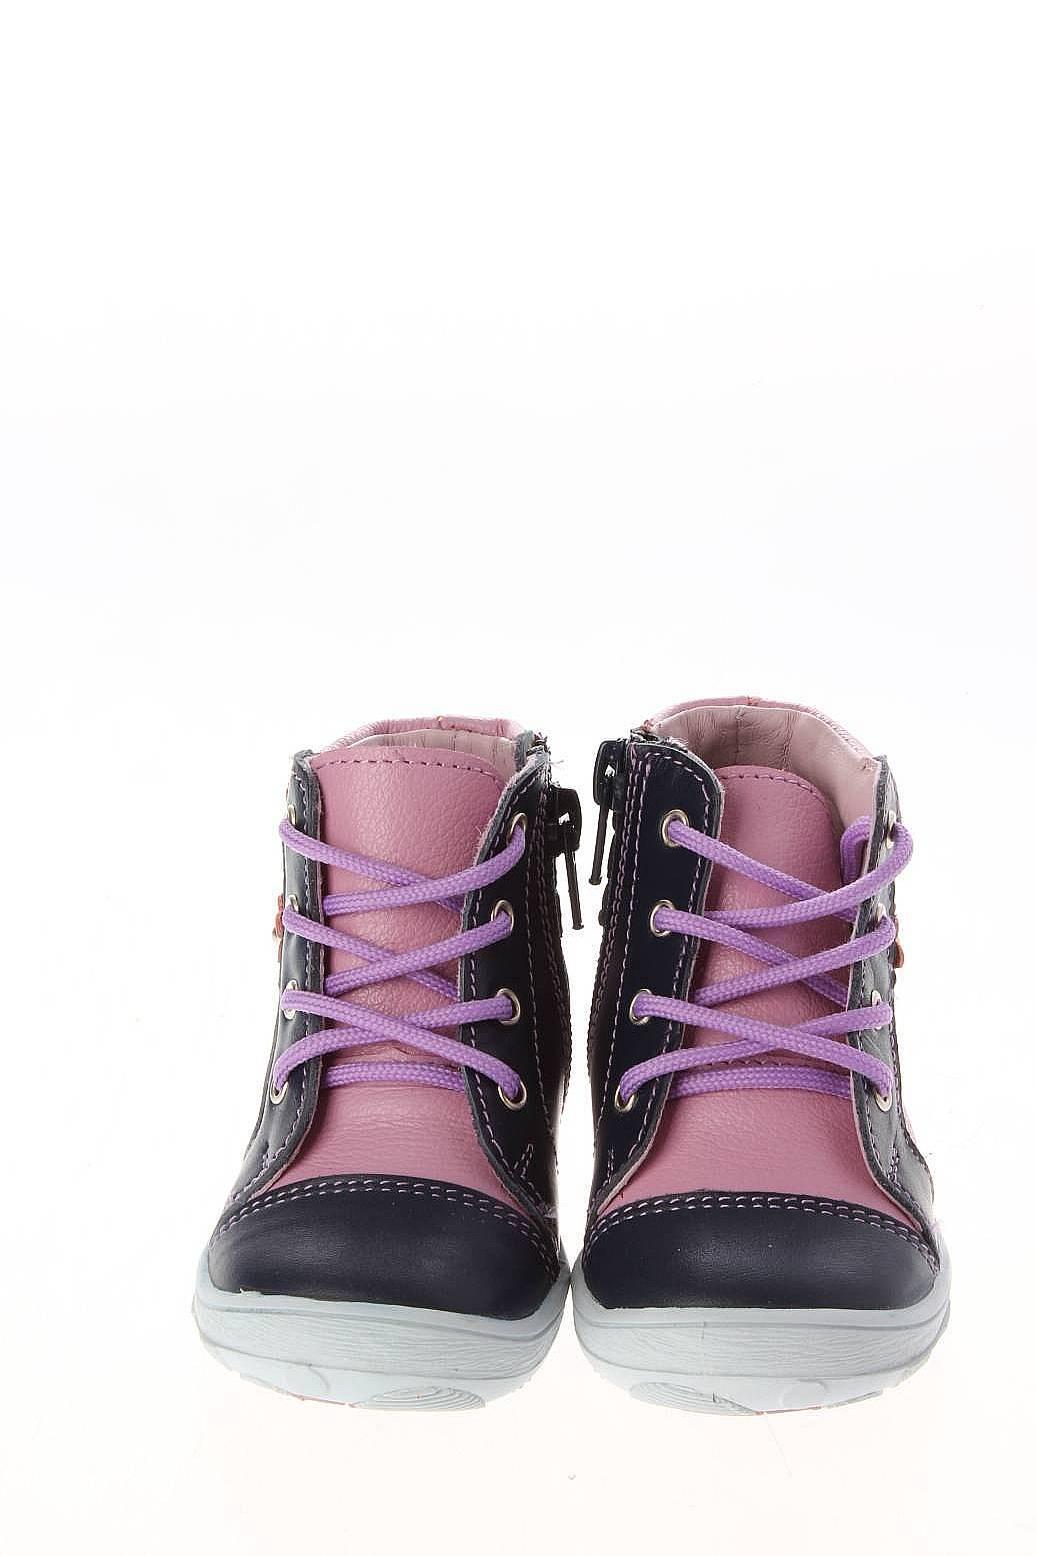 Мужская Обувь Детская Обувь Ботинки, Ботильоны: Котофей Обувь